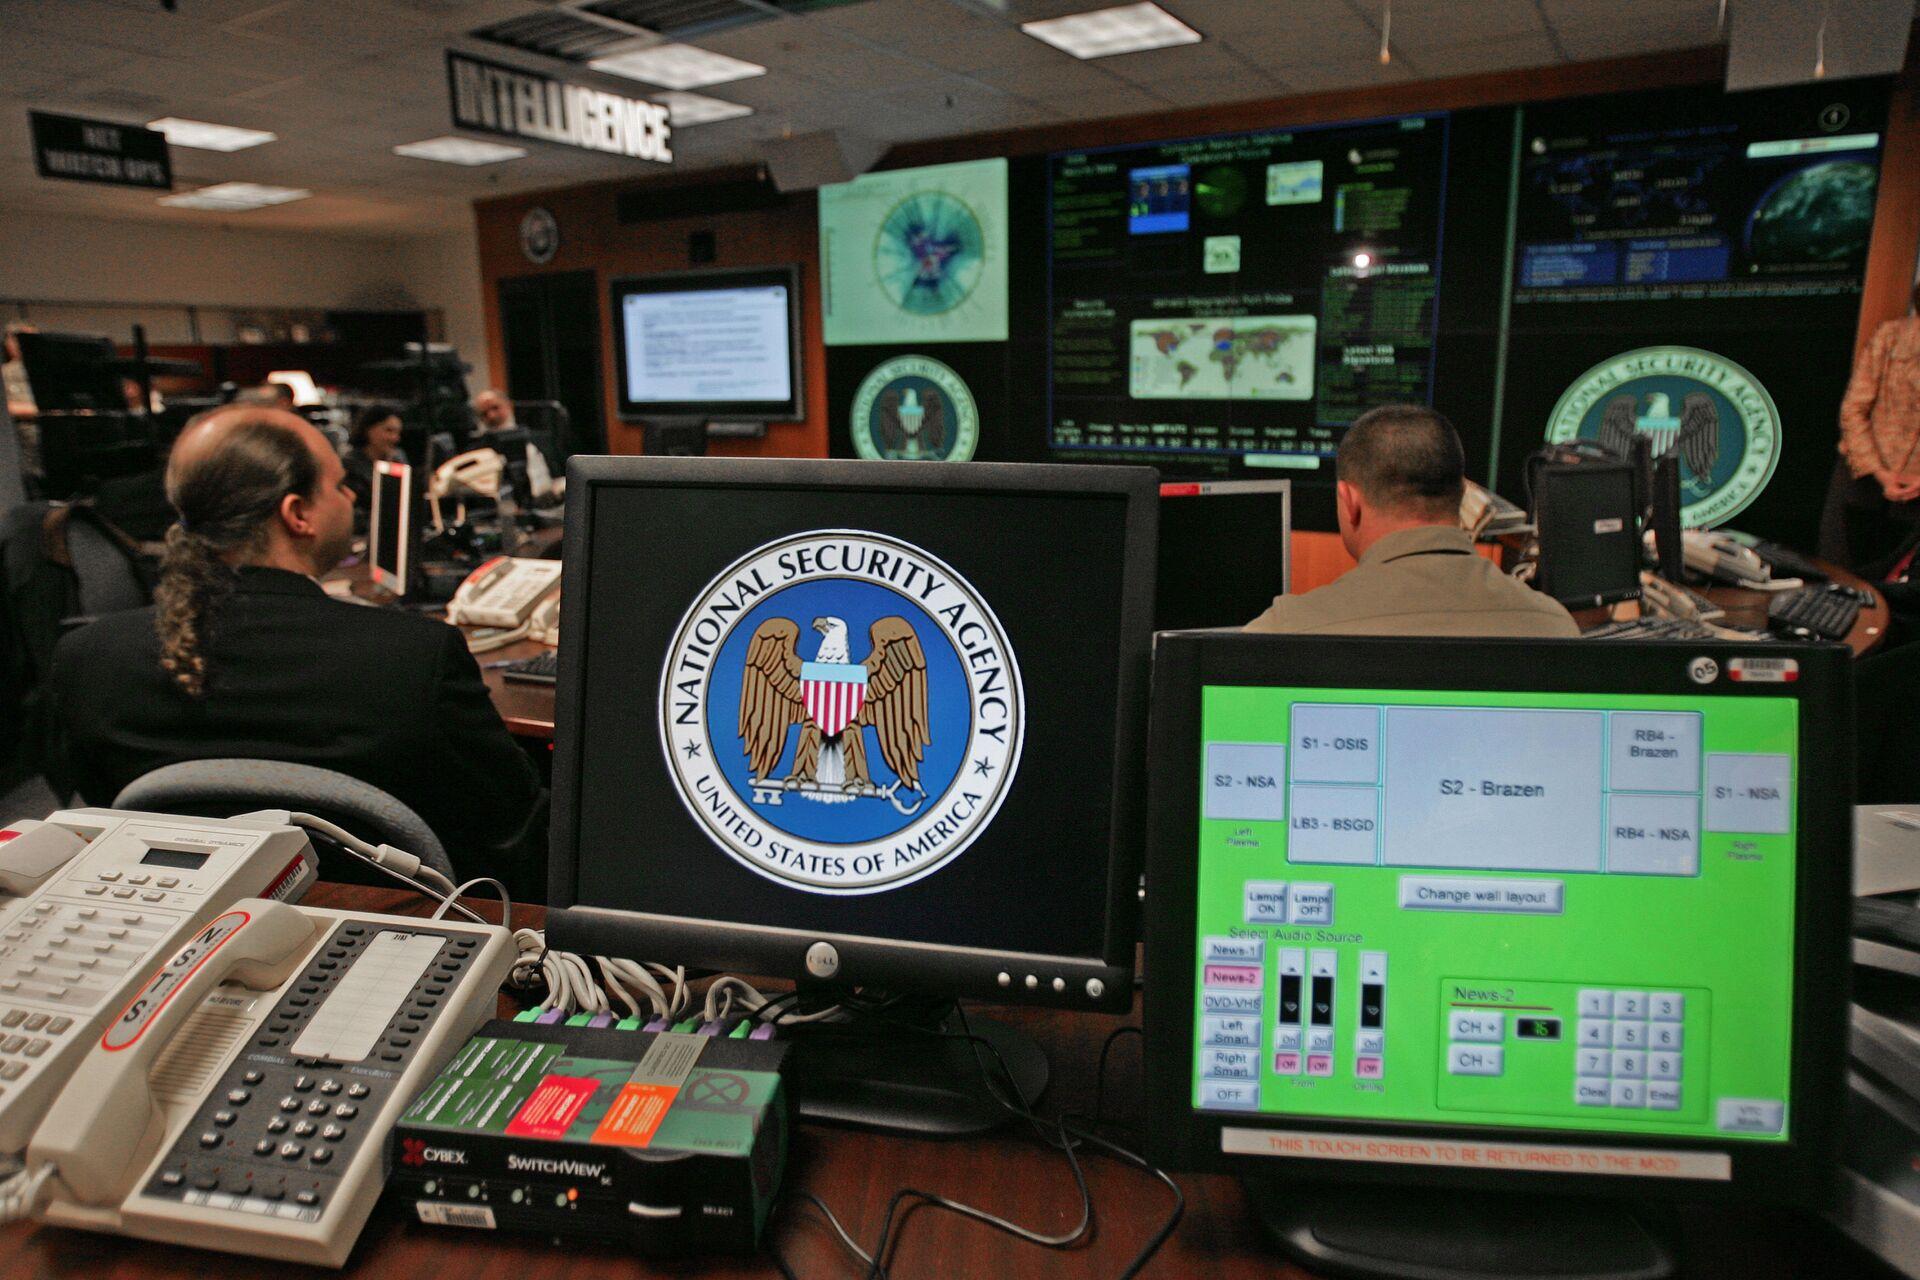 Компјутер са логом Националне безбедносне агенције САД у Мериленду - Sputnik Србија, 1920, 21.07.2021